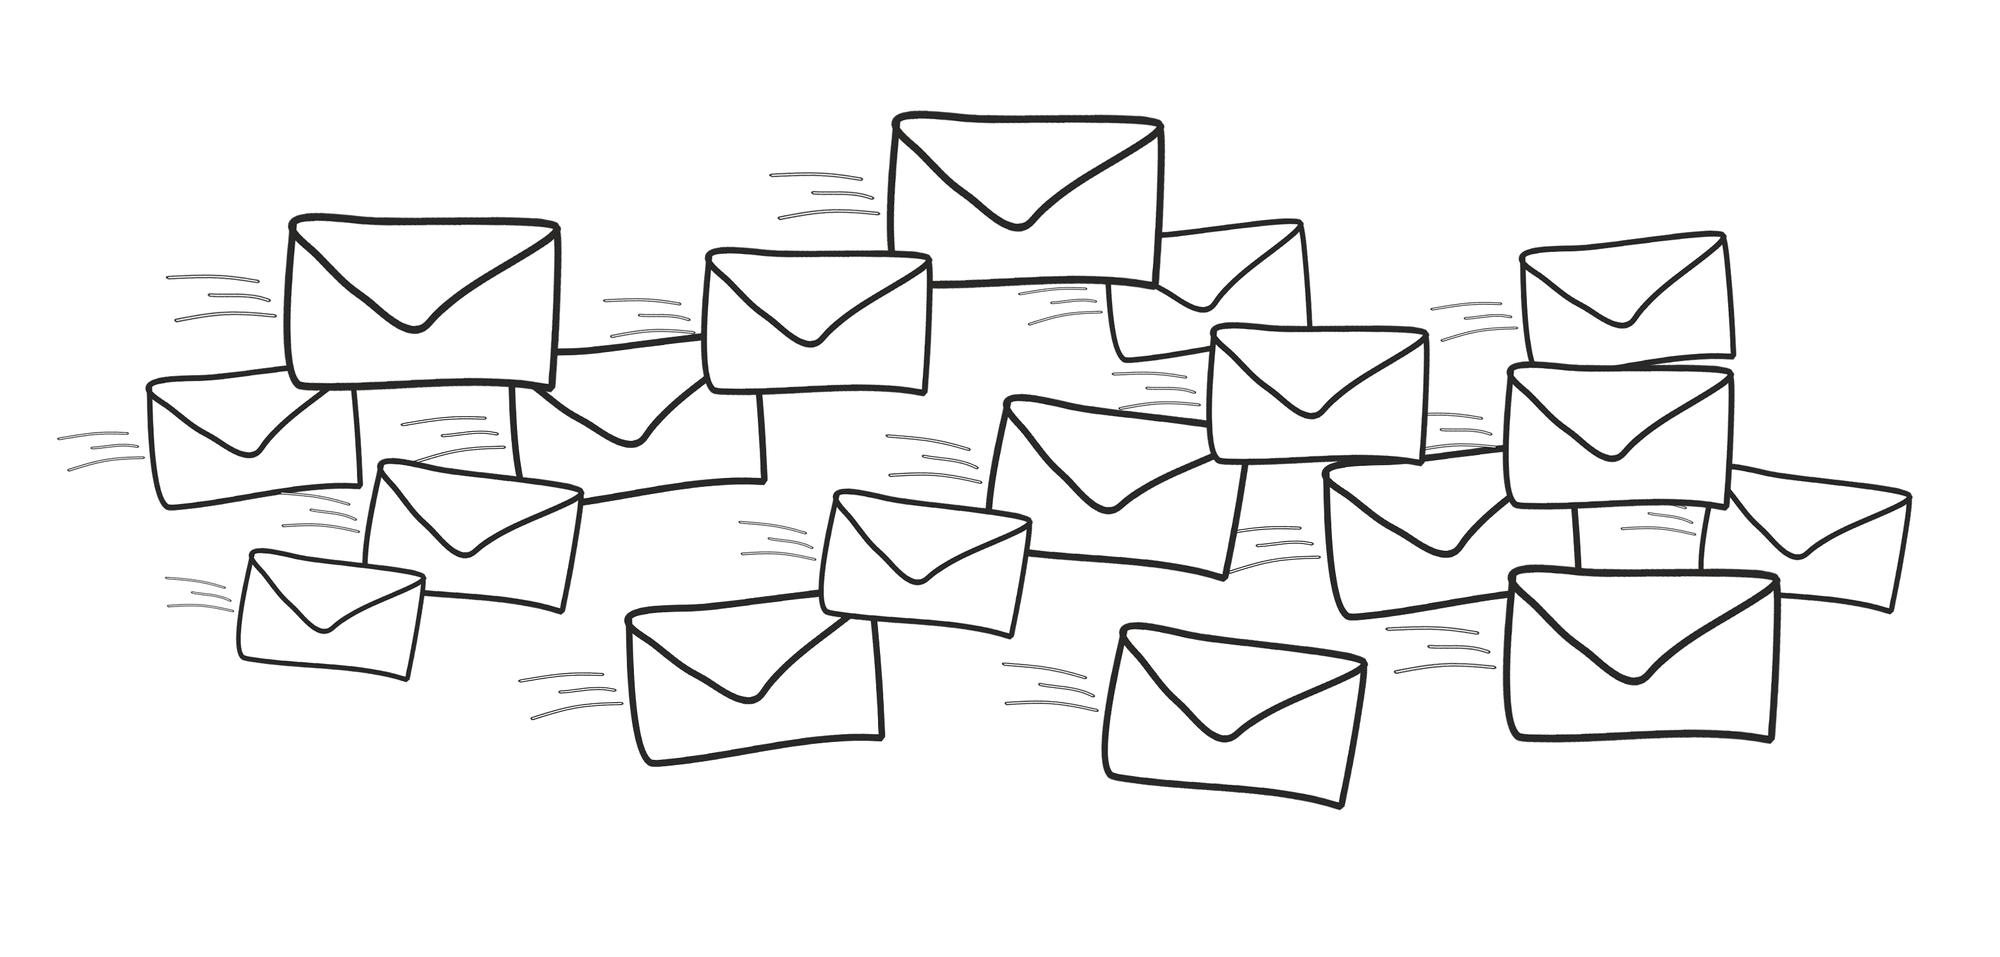 שליחת מייל לרשימת תפוצה (bulk messaging) בקלות עם גוגל סקריפט